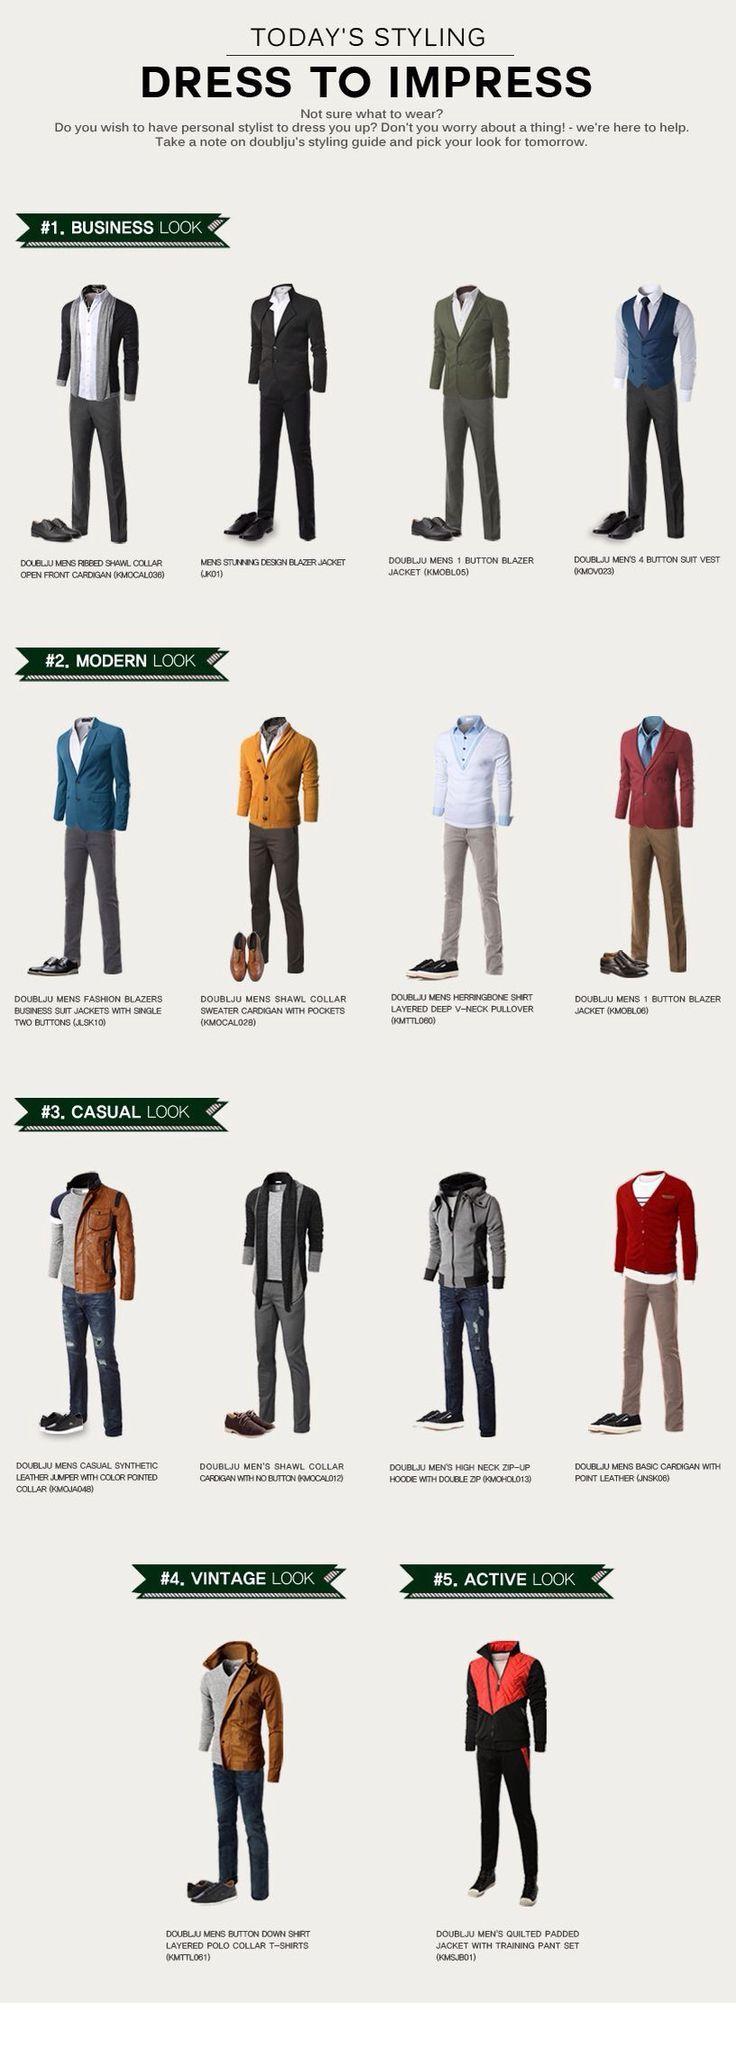 Krawattengeschäft – Ihre beste Wahl! Probieren Sie es aus: www.lojadegravata … – #Check #Check #from #choose #Ties